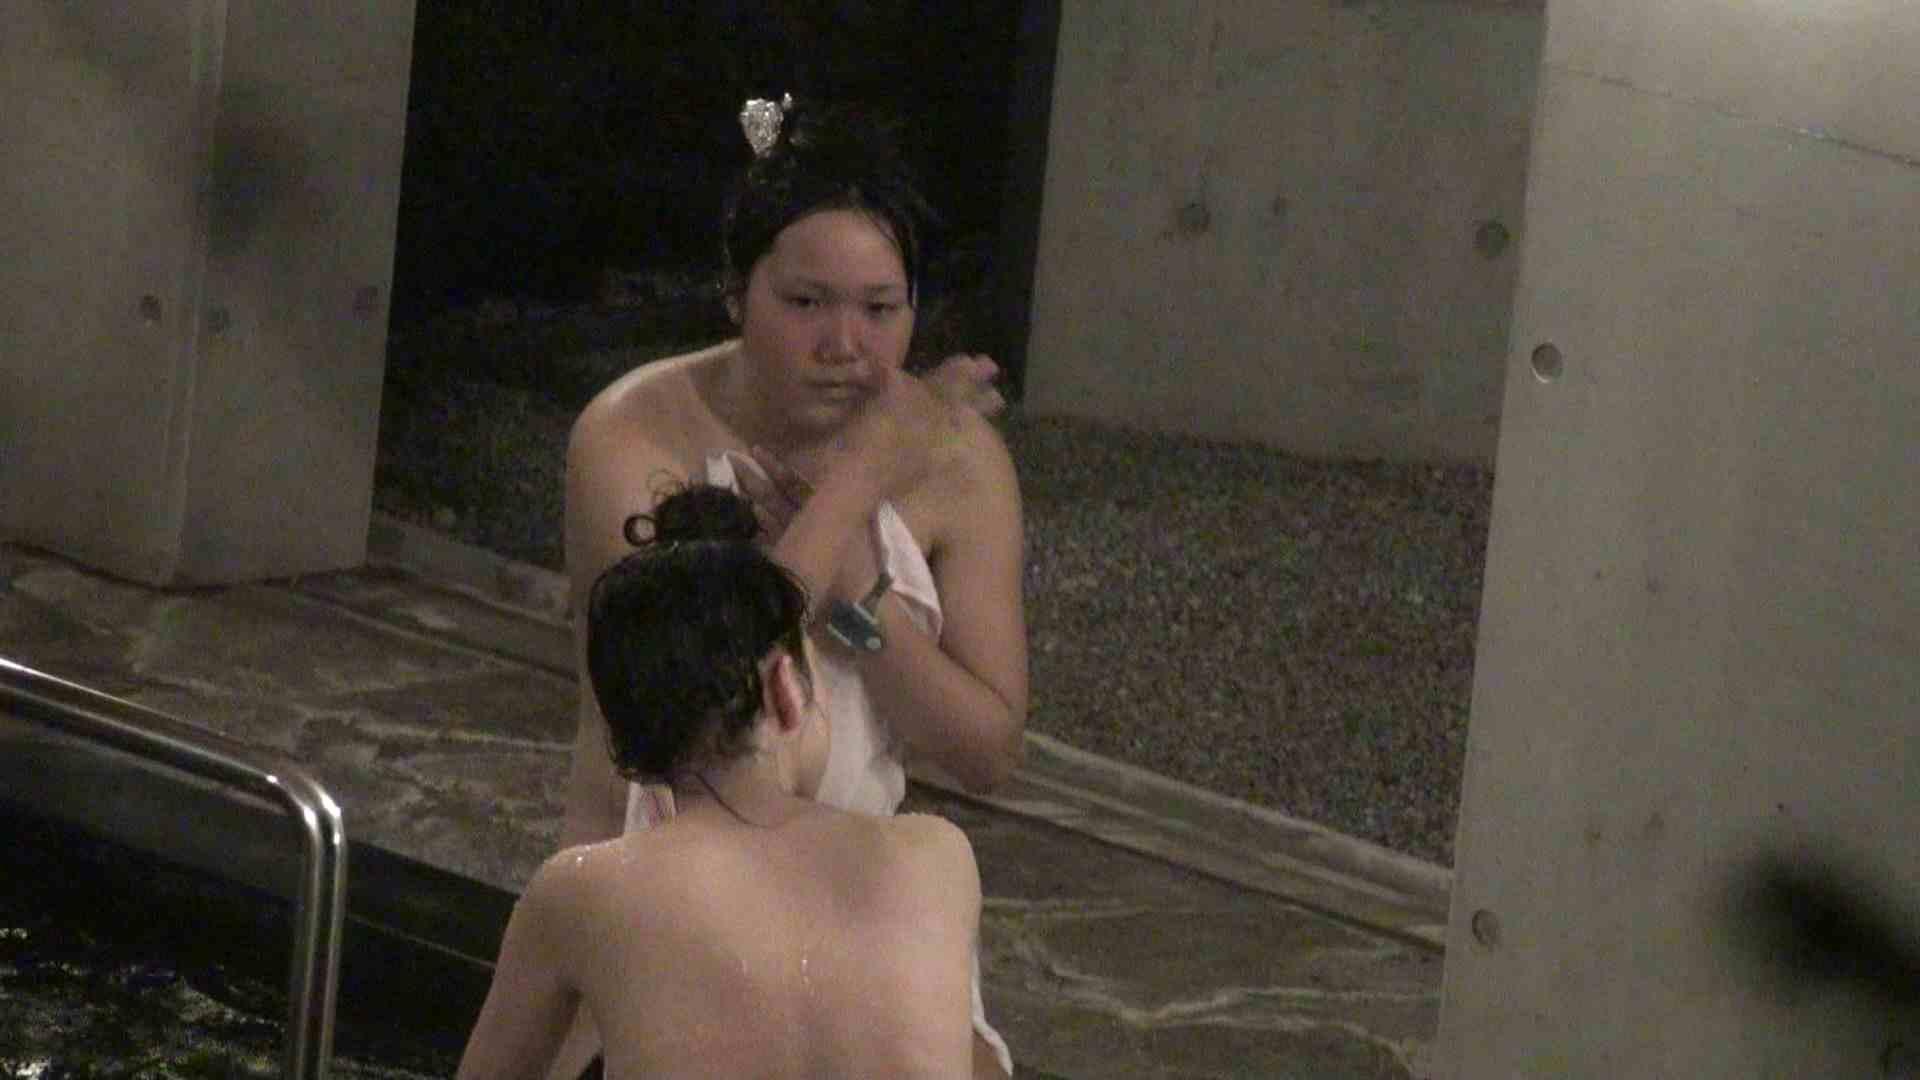 Aquaな露天風呂Vol.382 OLエロ画像 | 盗撮  78PICs 64